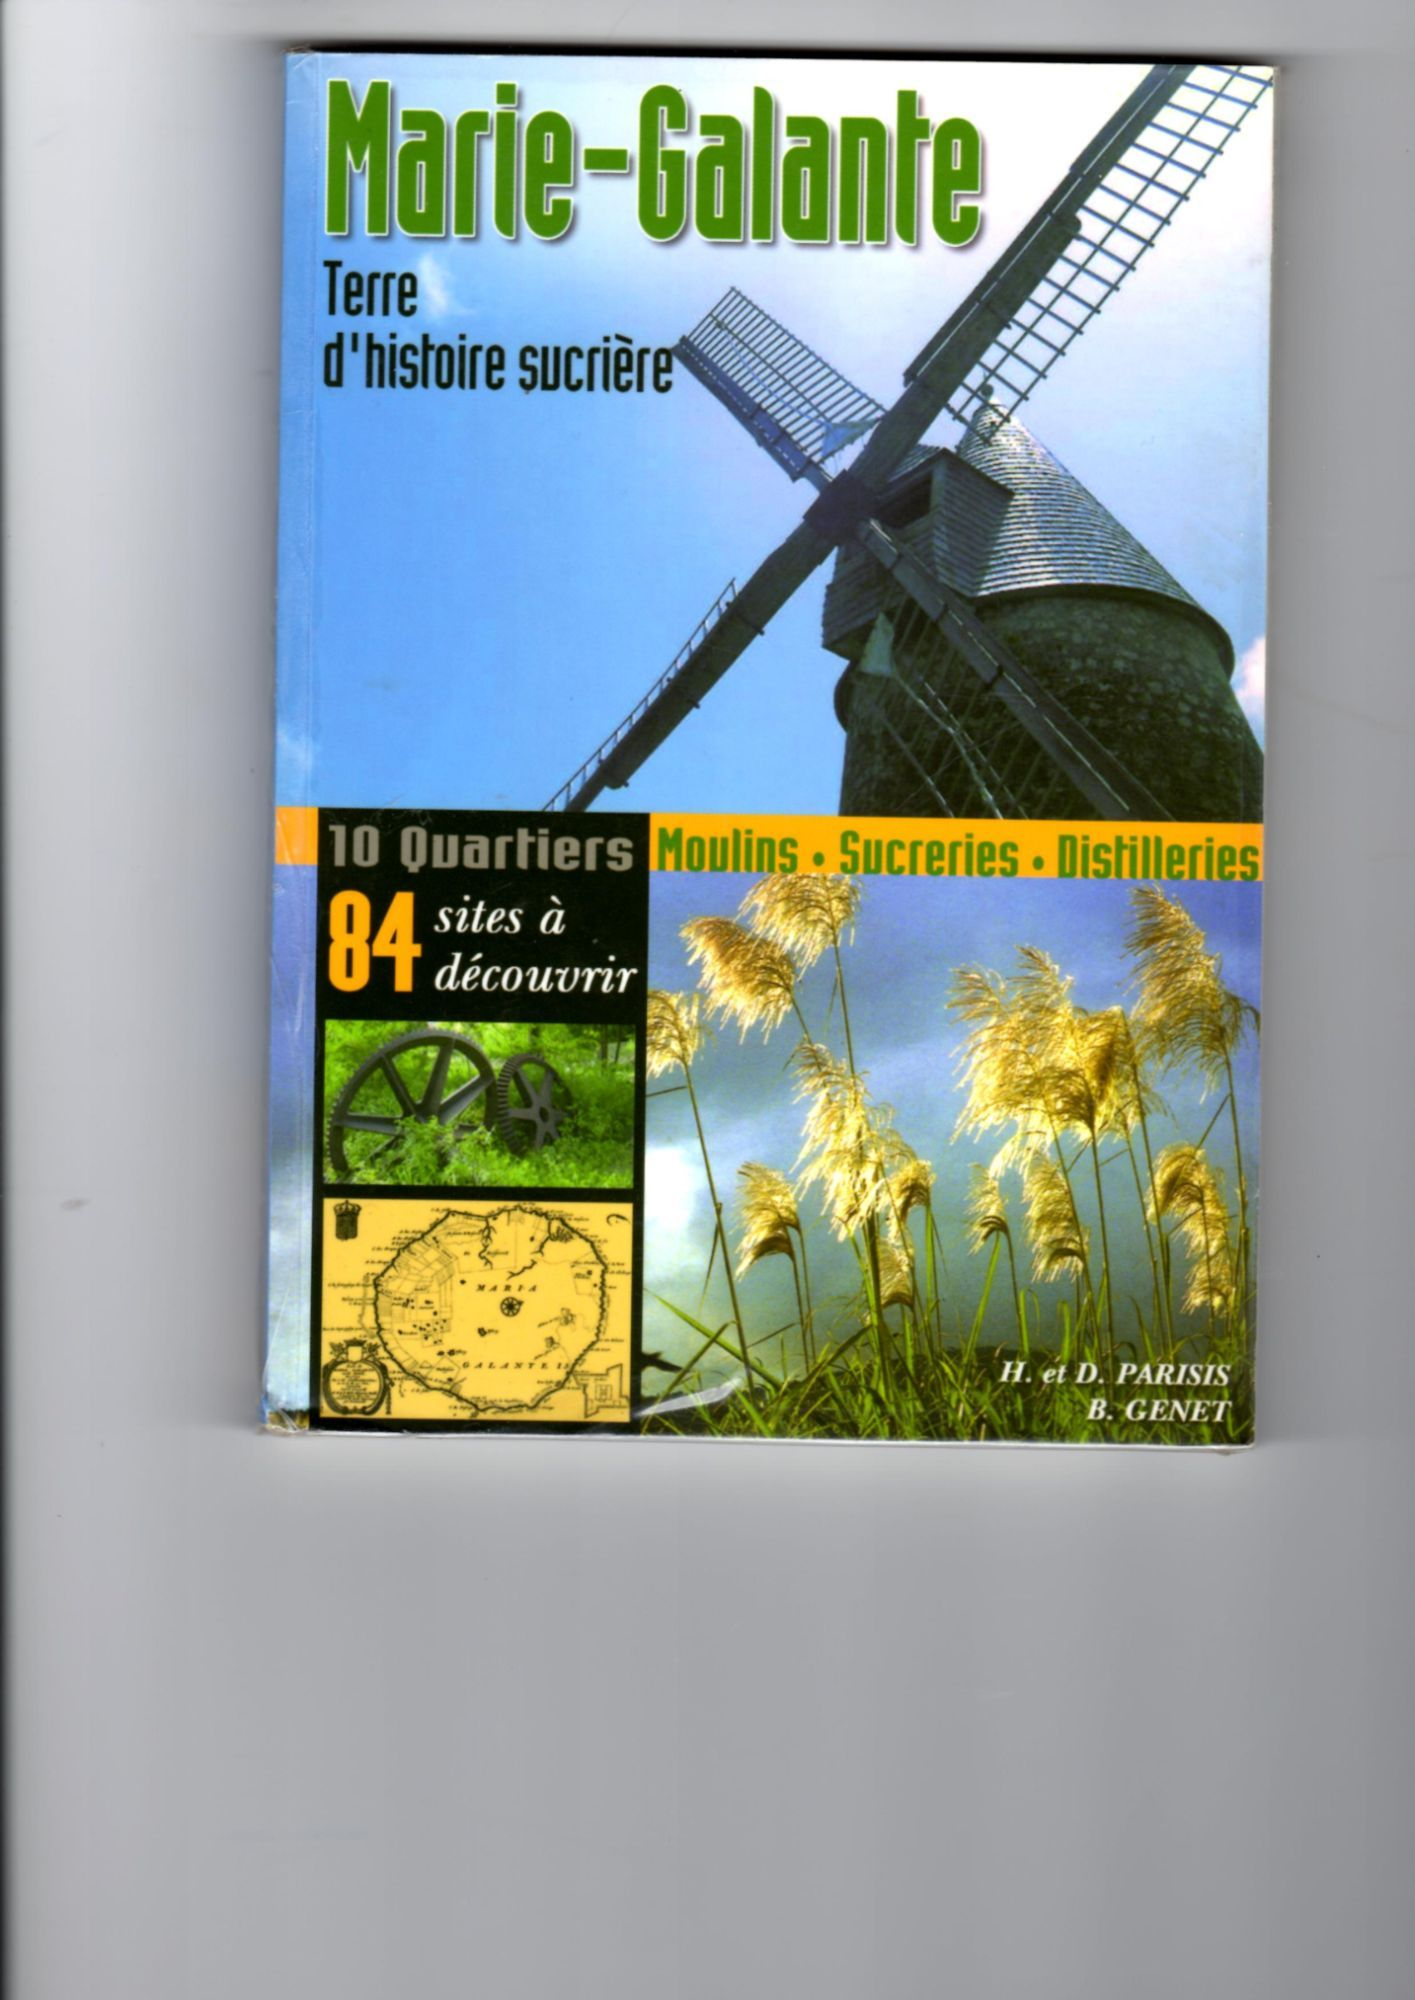 Marie-Galante - Terre d'histoire sucrière de Brigitte Genet